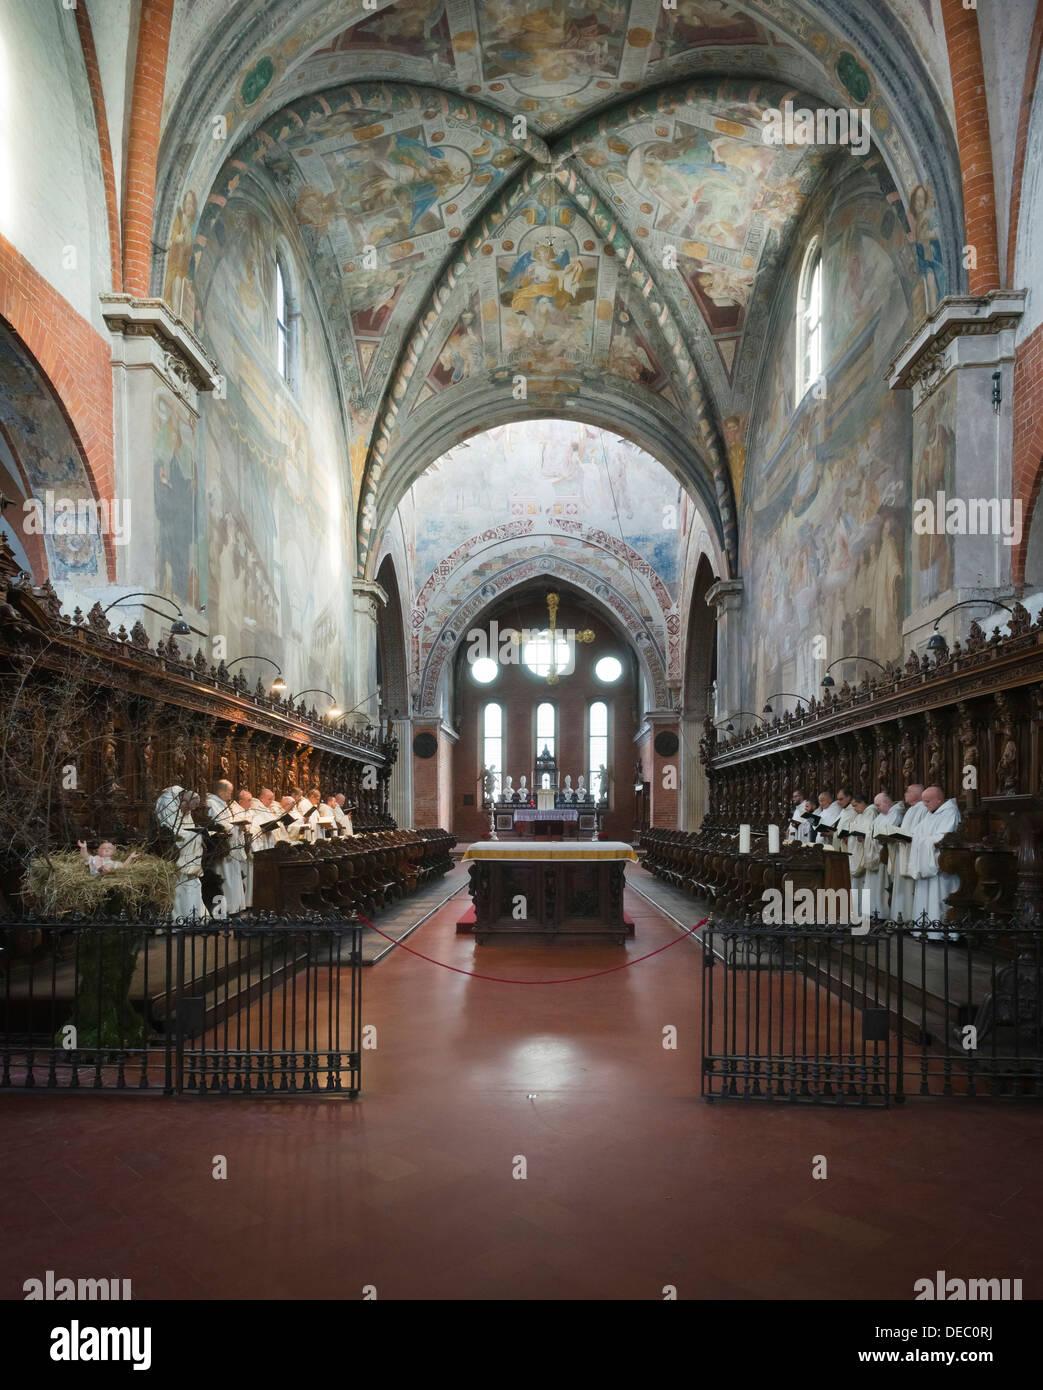 Los monjes cistercienses en oración en el Gótico de la Abadía de Claraval, Abbazia Claraval milaneses, Rogoredo, Milán, Lombardía, Italia Foto de stock